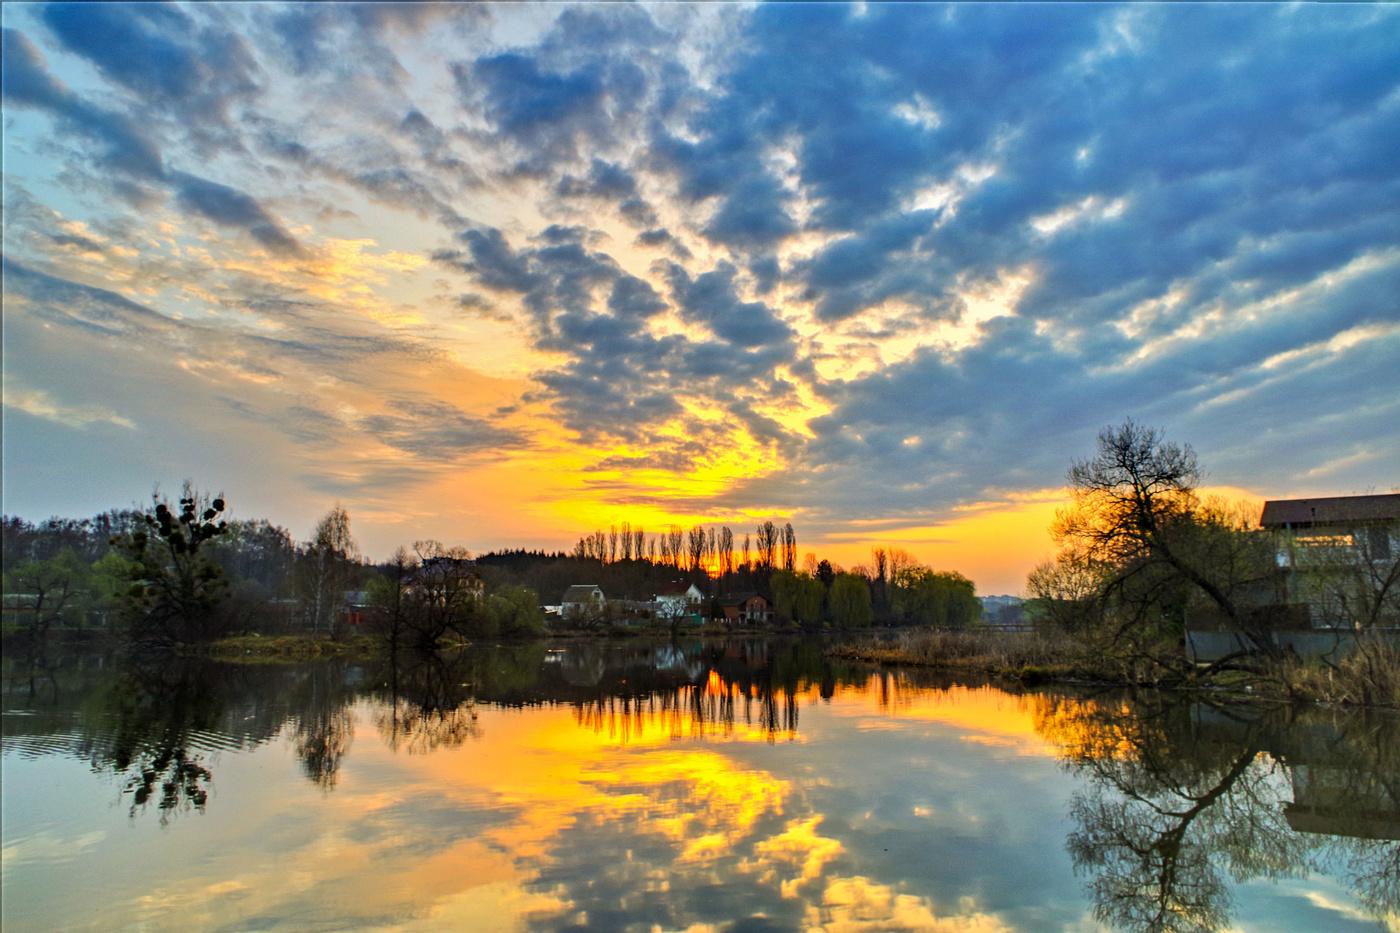 Апрельское утро картинка